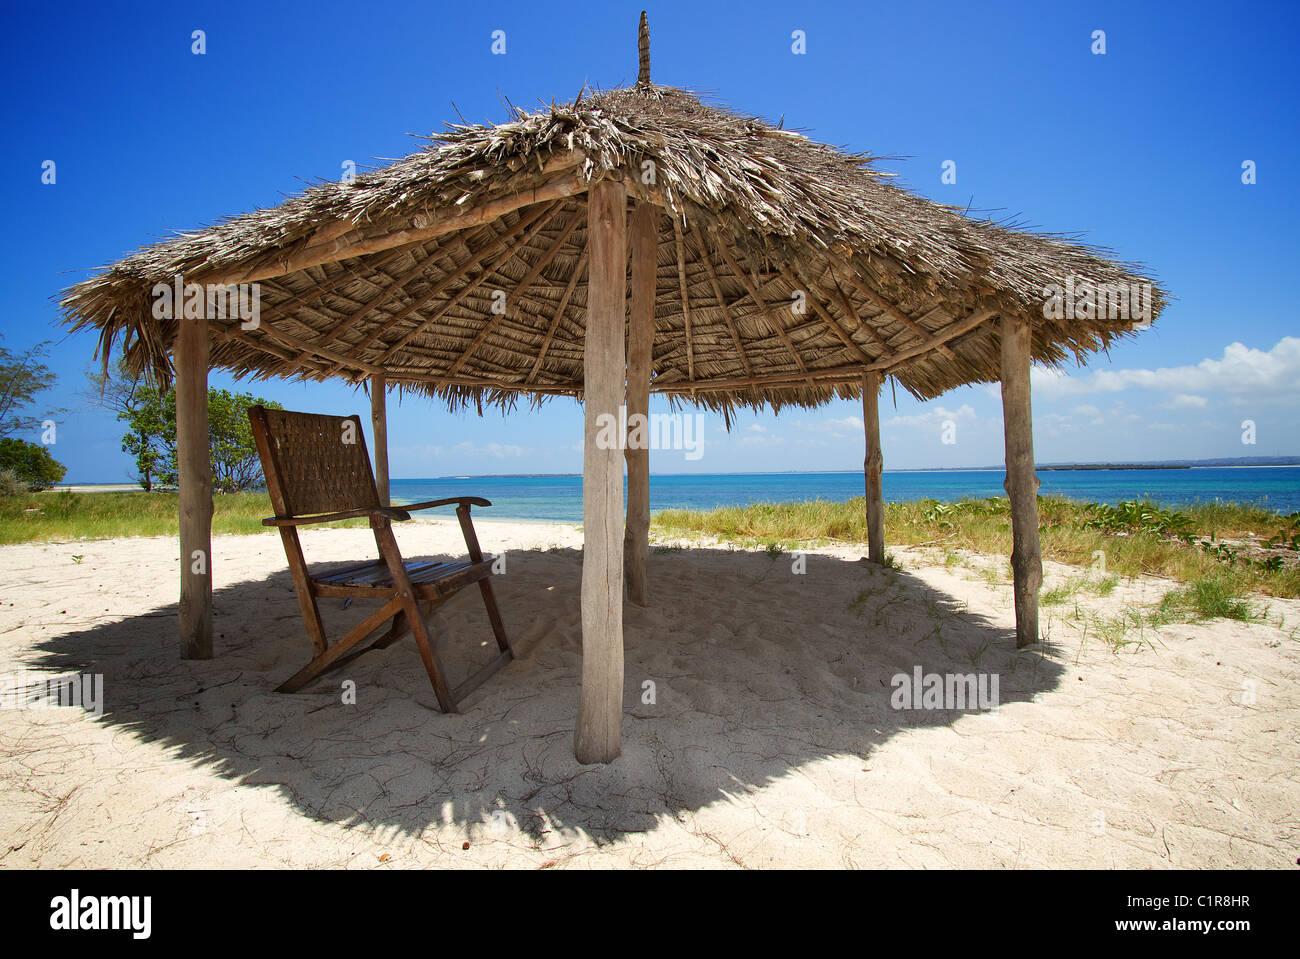 Beach hut and chair Mbuya desert island Tanzania - Stock Image